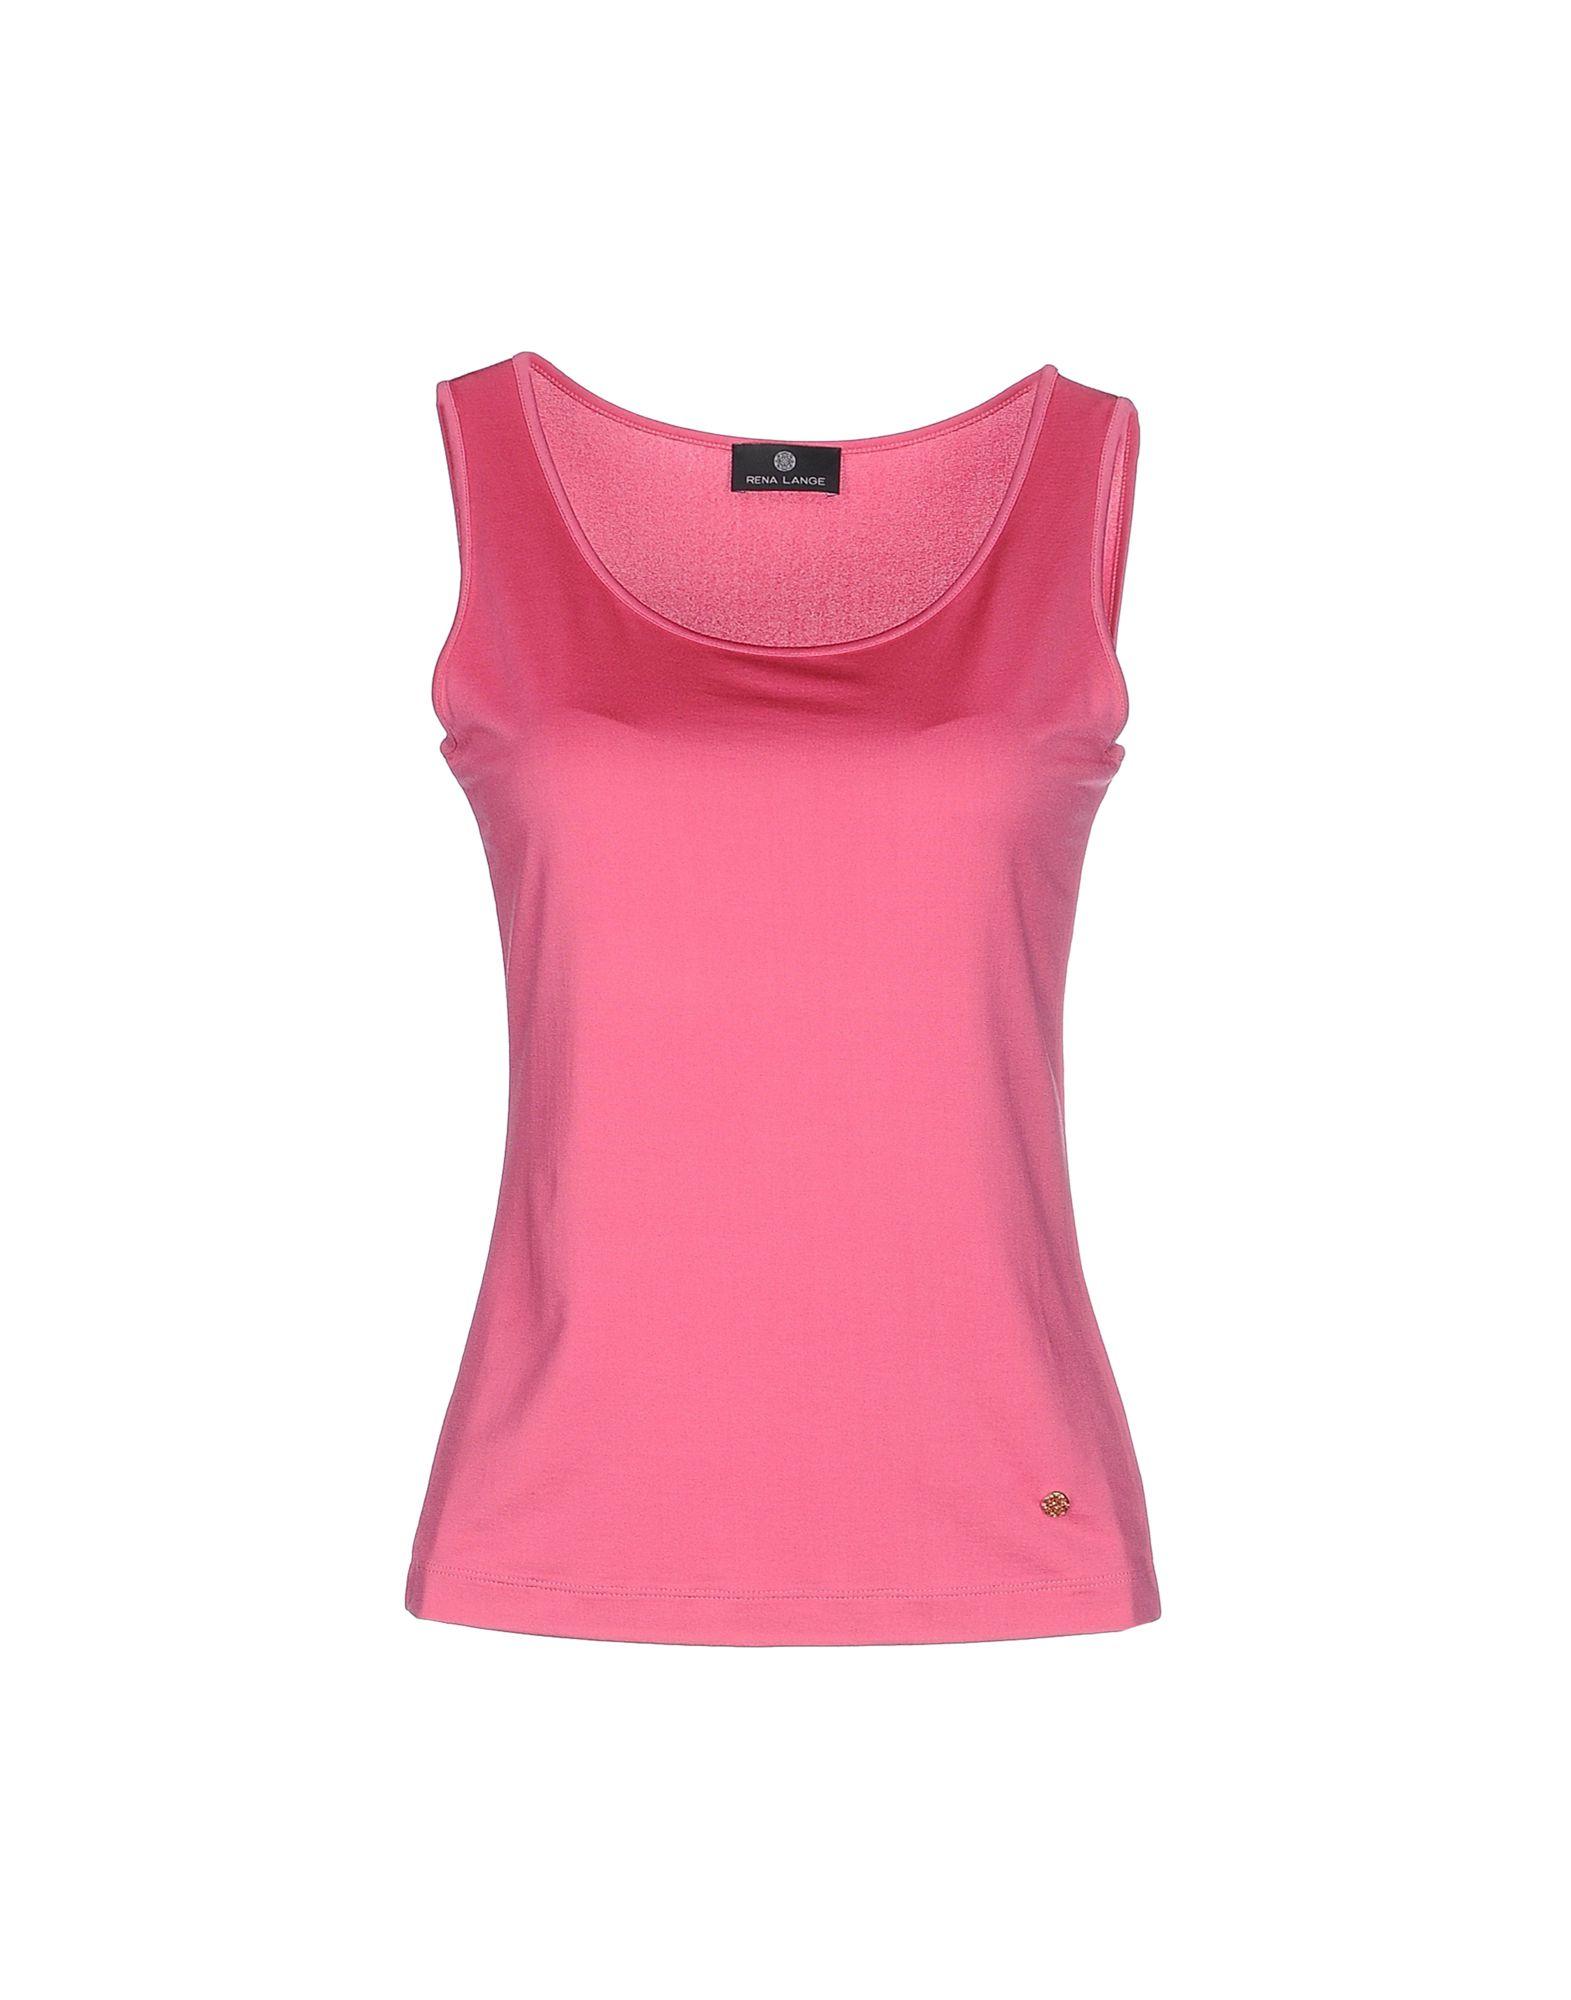 RENA LANGE T-shirts